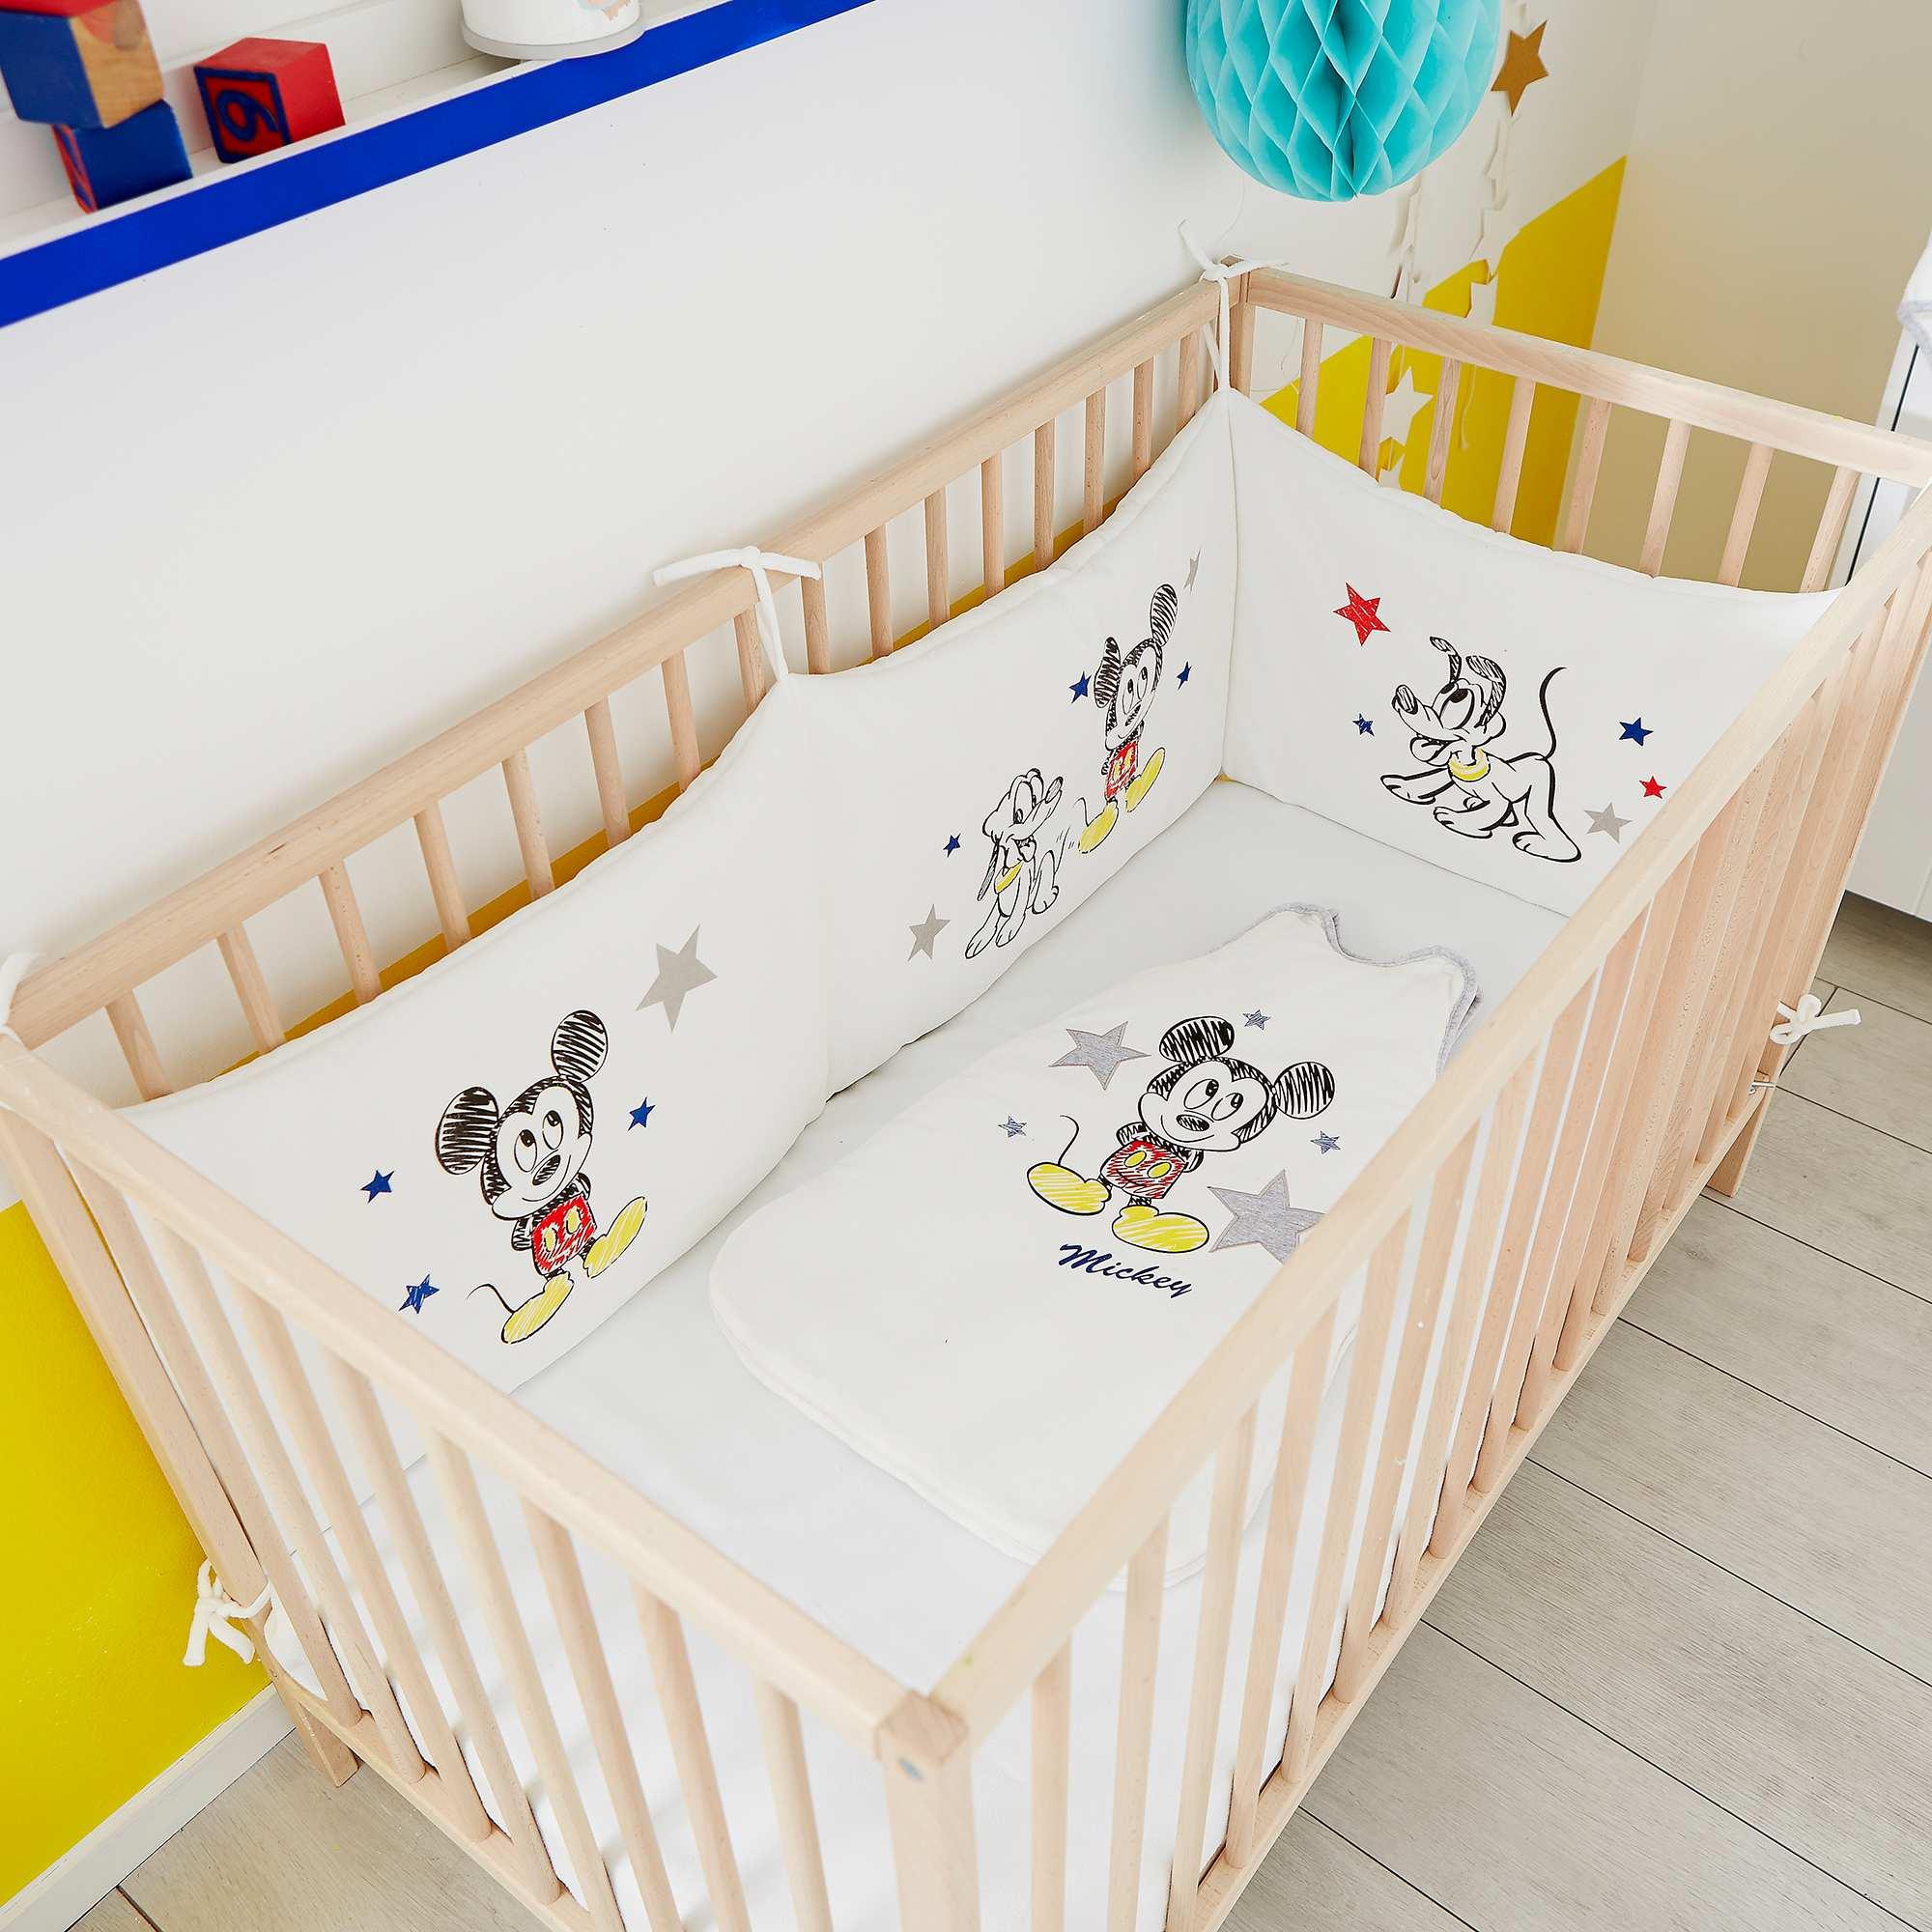 Couleur : Mickey, , ,, - Taille : TU, , ,,Nos babies s'endormiront au côté de 'Mickey'. - Tour de lit en velours 'Disney' -